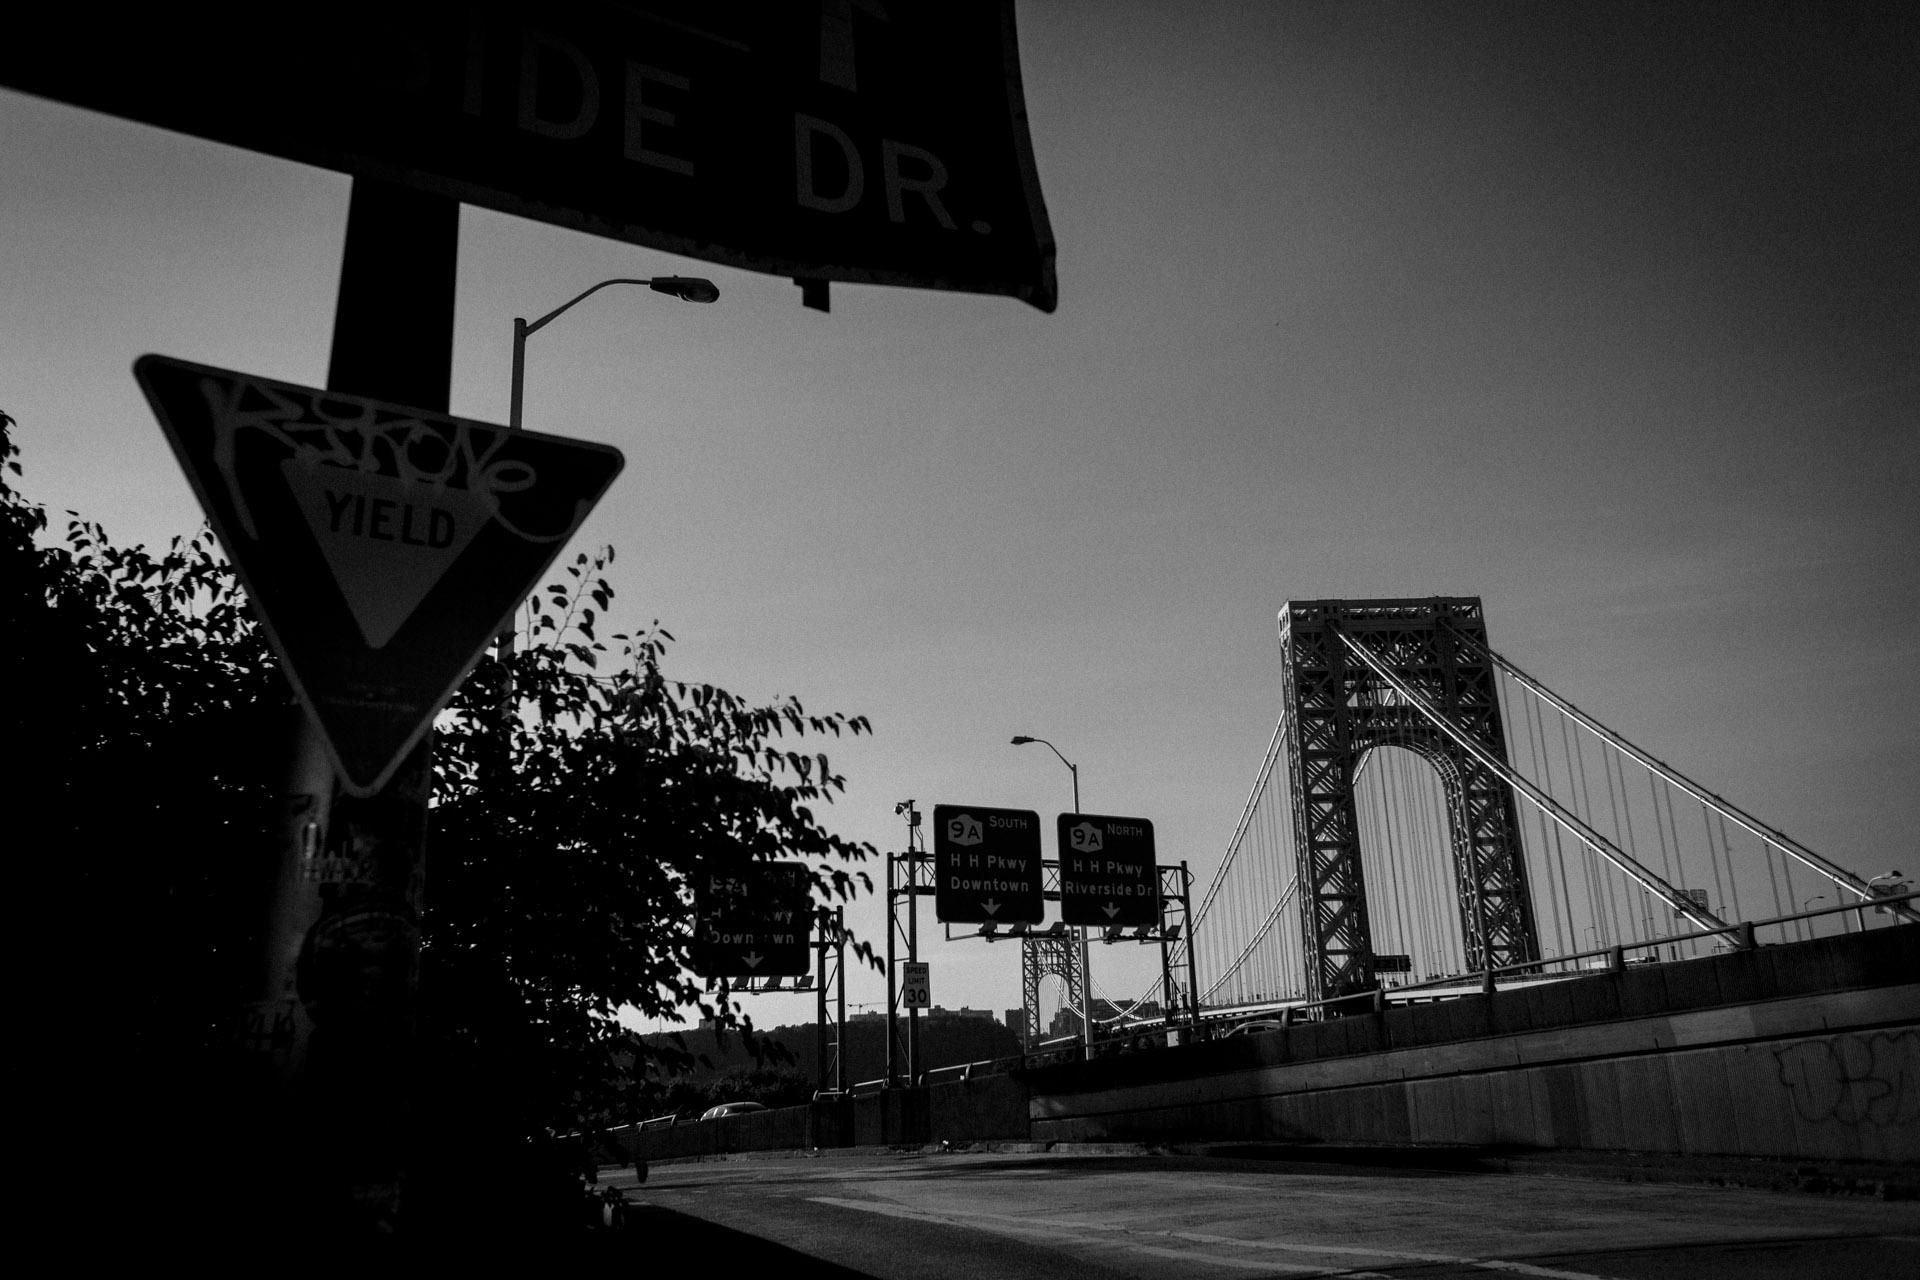 George Washington Bridge. New York, NY. 2013